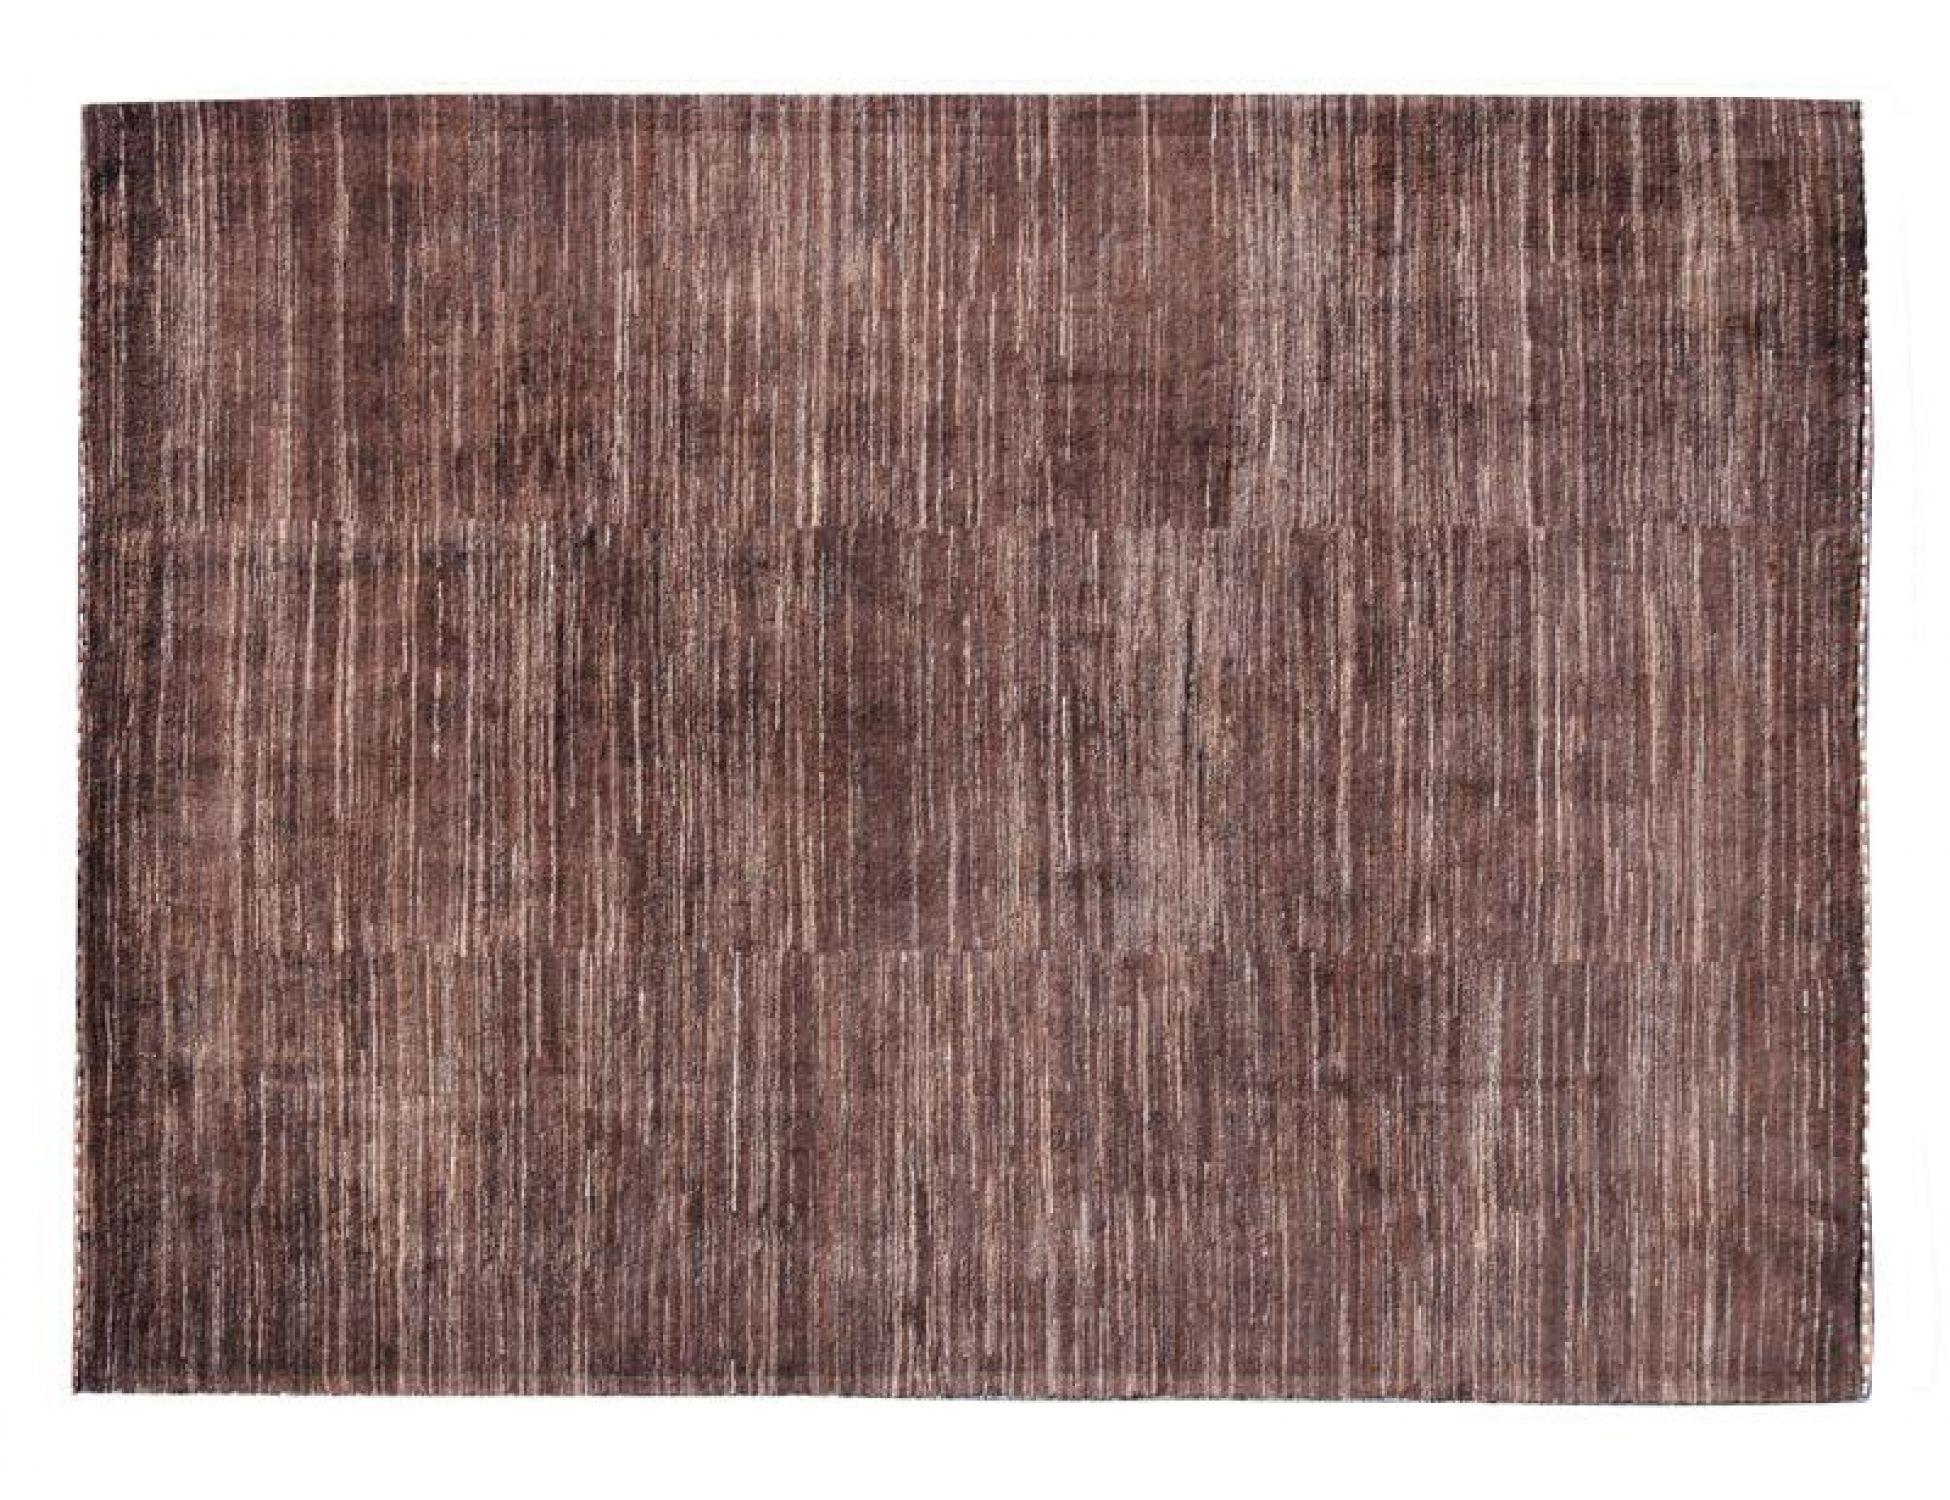 Moderne Teppiche   <br/>296 x 230 cm